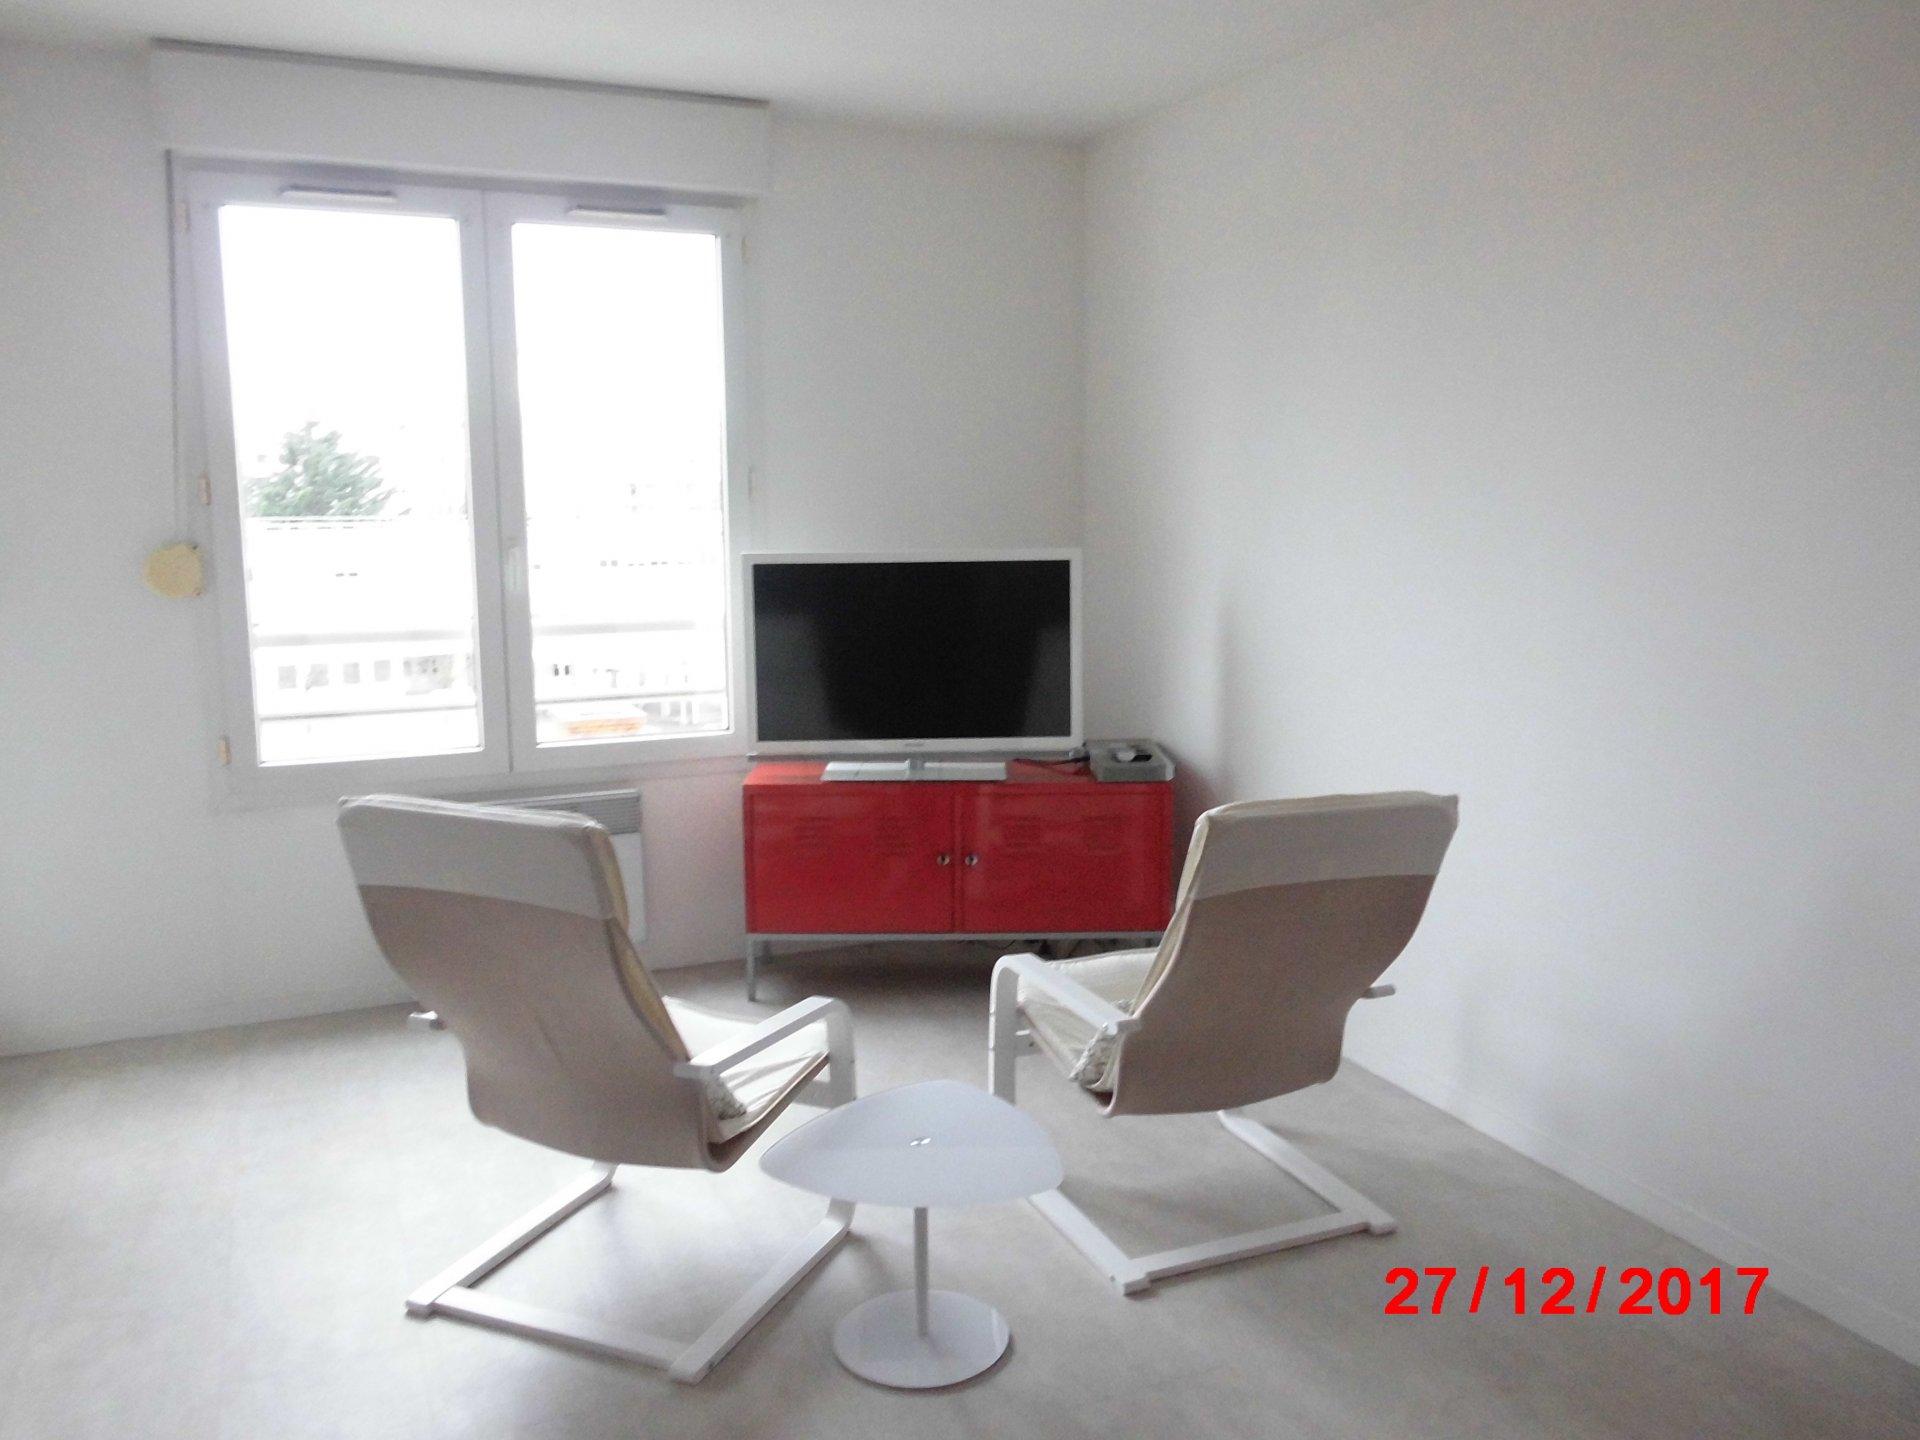 VILLEURBANNE, Appartement 3 pièces, 72 m², limite LYON 3.